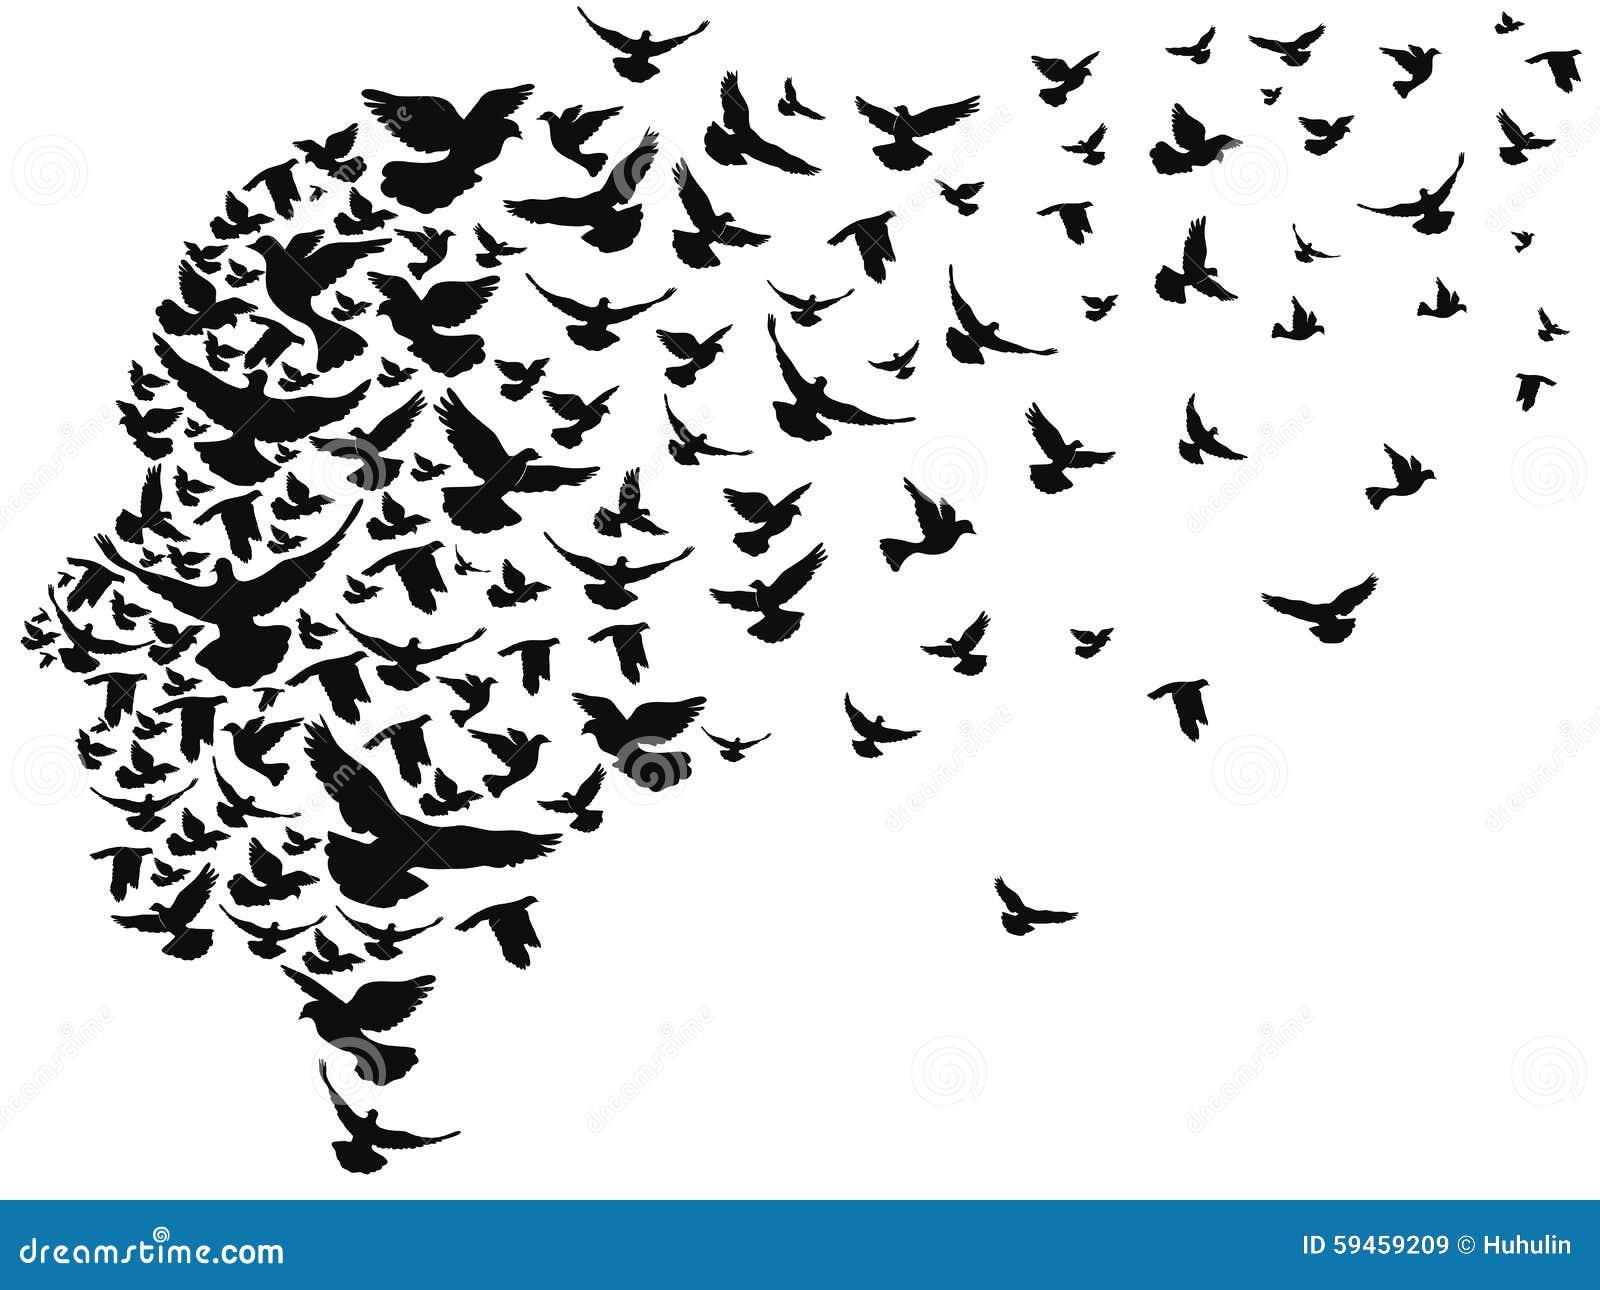 Pombas que voam afastado com cabeça humana